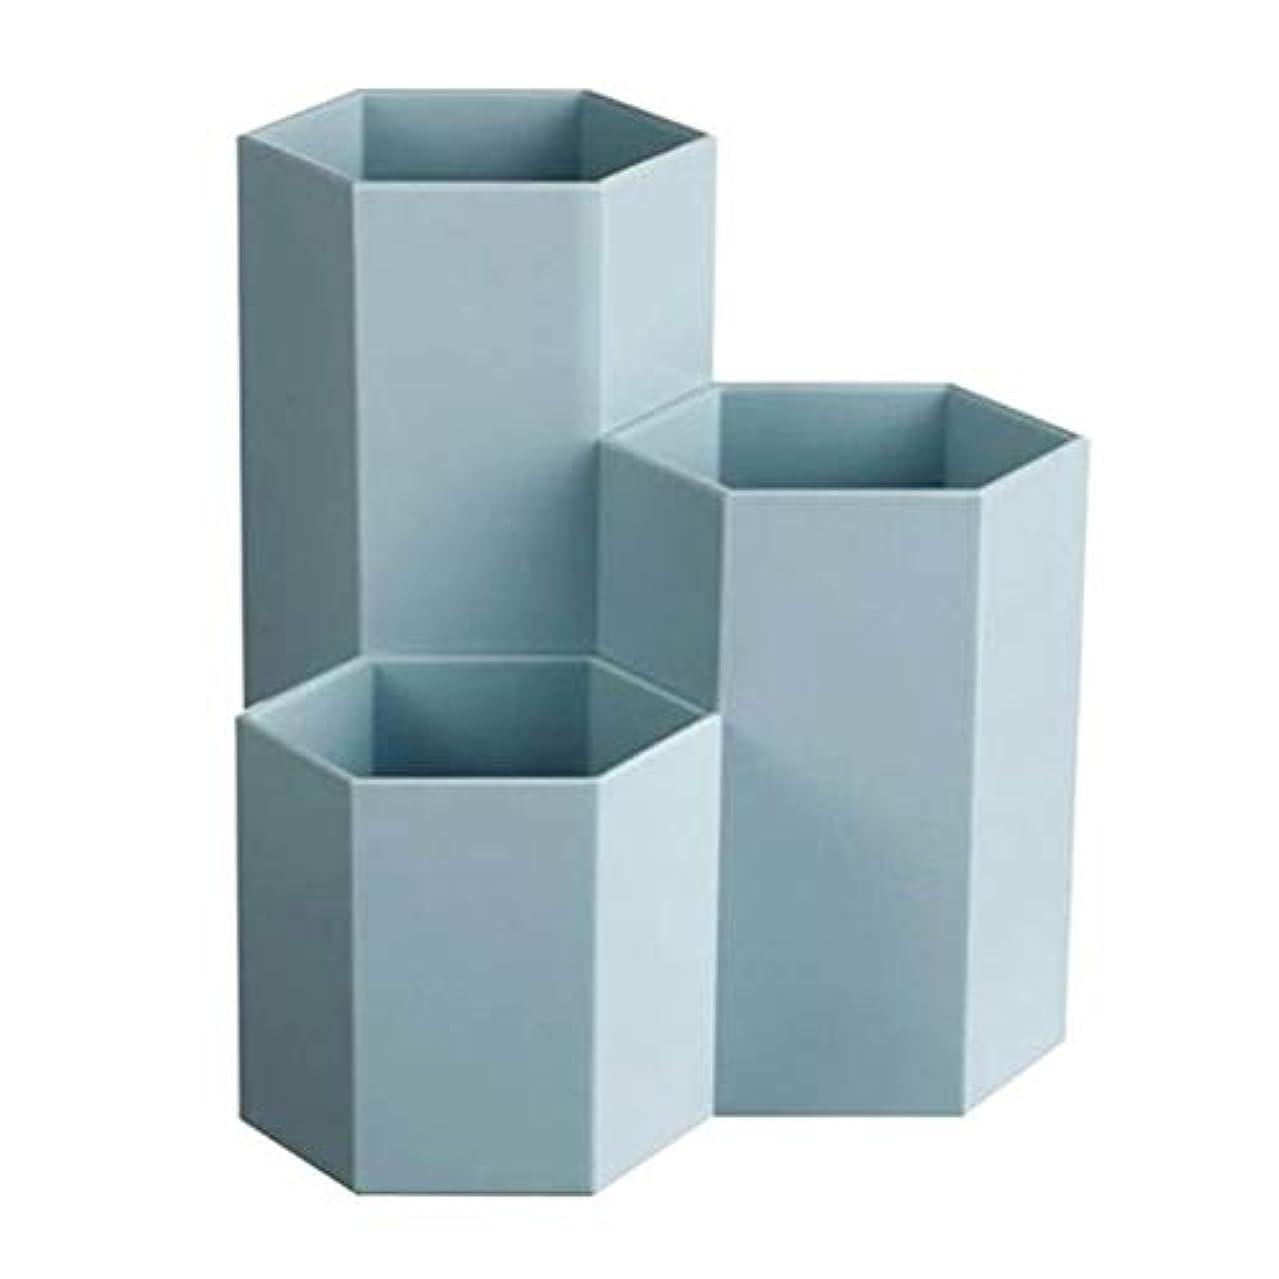 入射軽減する小石TerGOOSE 卓上収納ケース メイクブラシケース メイクブラシスタンド メイクブラシ収納ボックス メイクケース ペンホルダー 卓上文房具収納ボックス ペン立て 文房具 おしゃれ 六角 3つのグリッド 大容量 ブルー